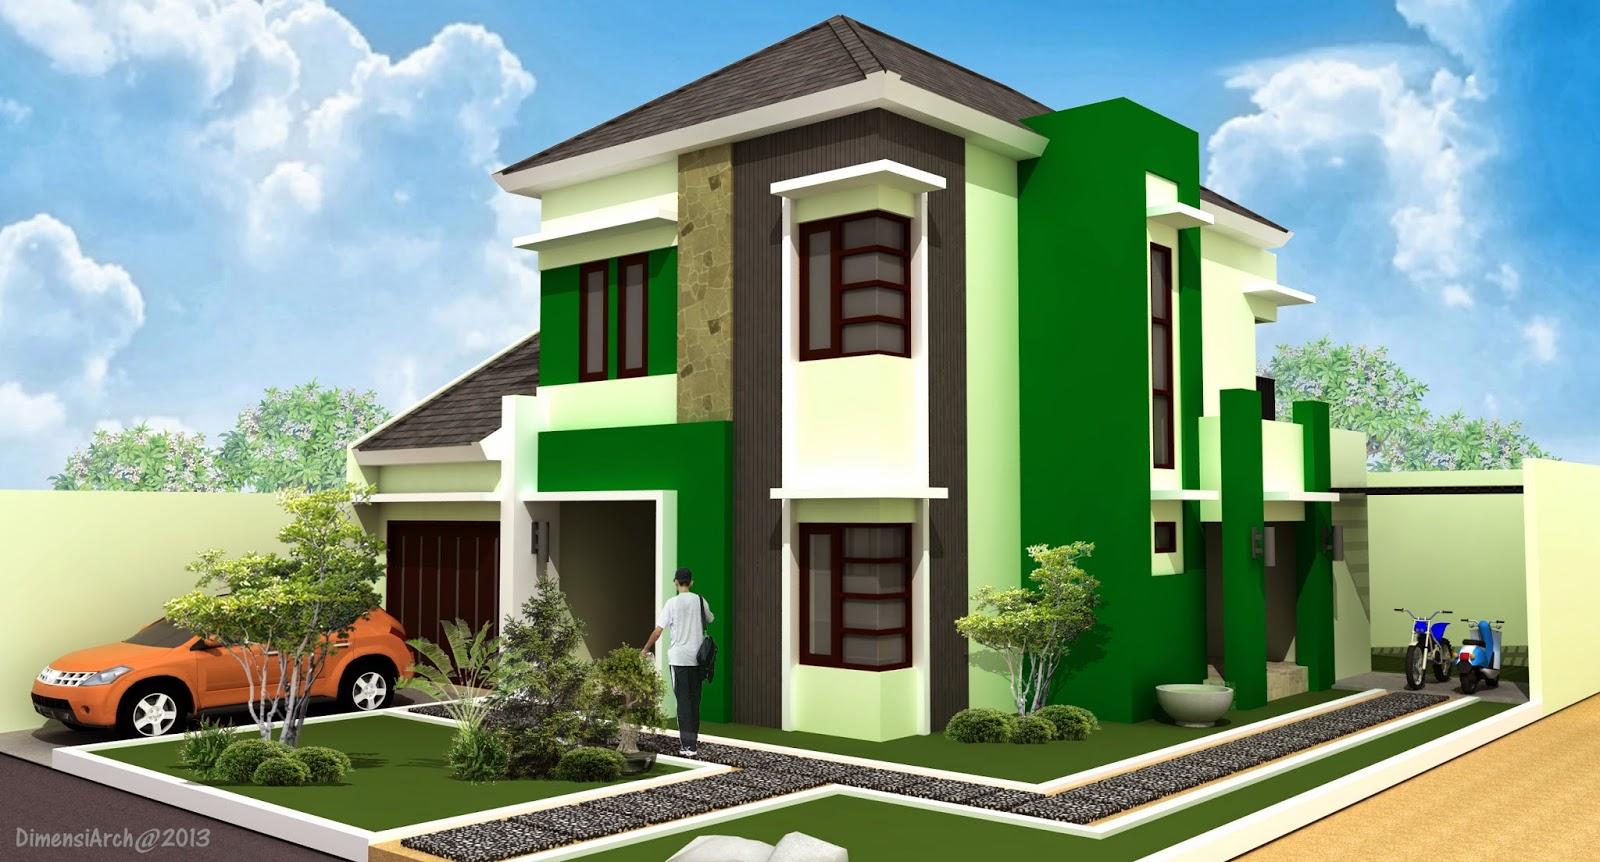 DIMENSI Arch Rumah Tinggal 2 Lantai Modern Minimalis Hook & 102 Desain Rumah Minimalis Modern Posisi Hook | Gambar Desain ...